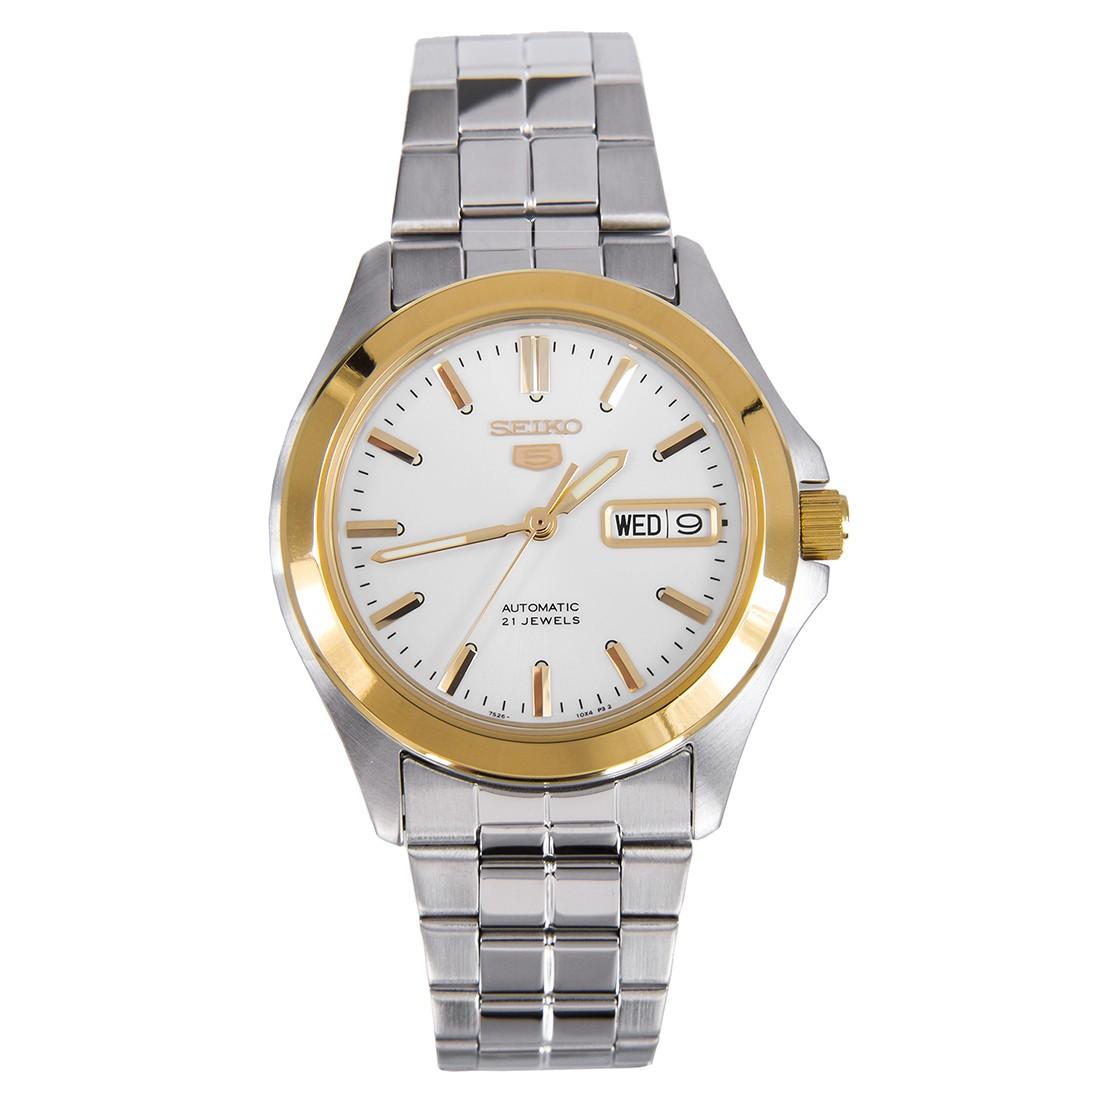 นาฬิกา seiko MEN (นาฬิกา ไซโก้) classic รุ่น SNKK96K1 ระบบ AUTOMATIC